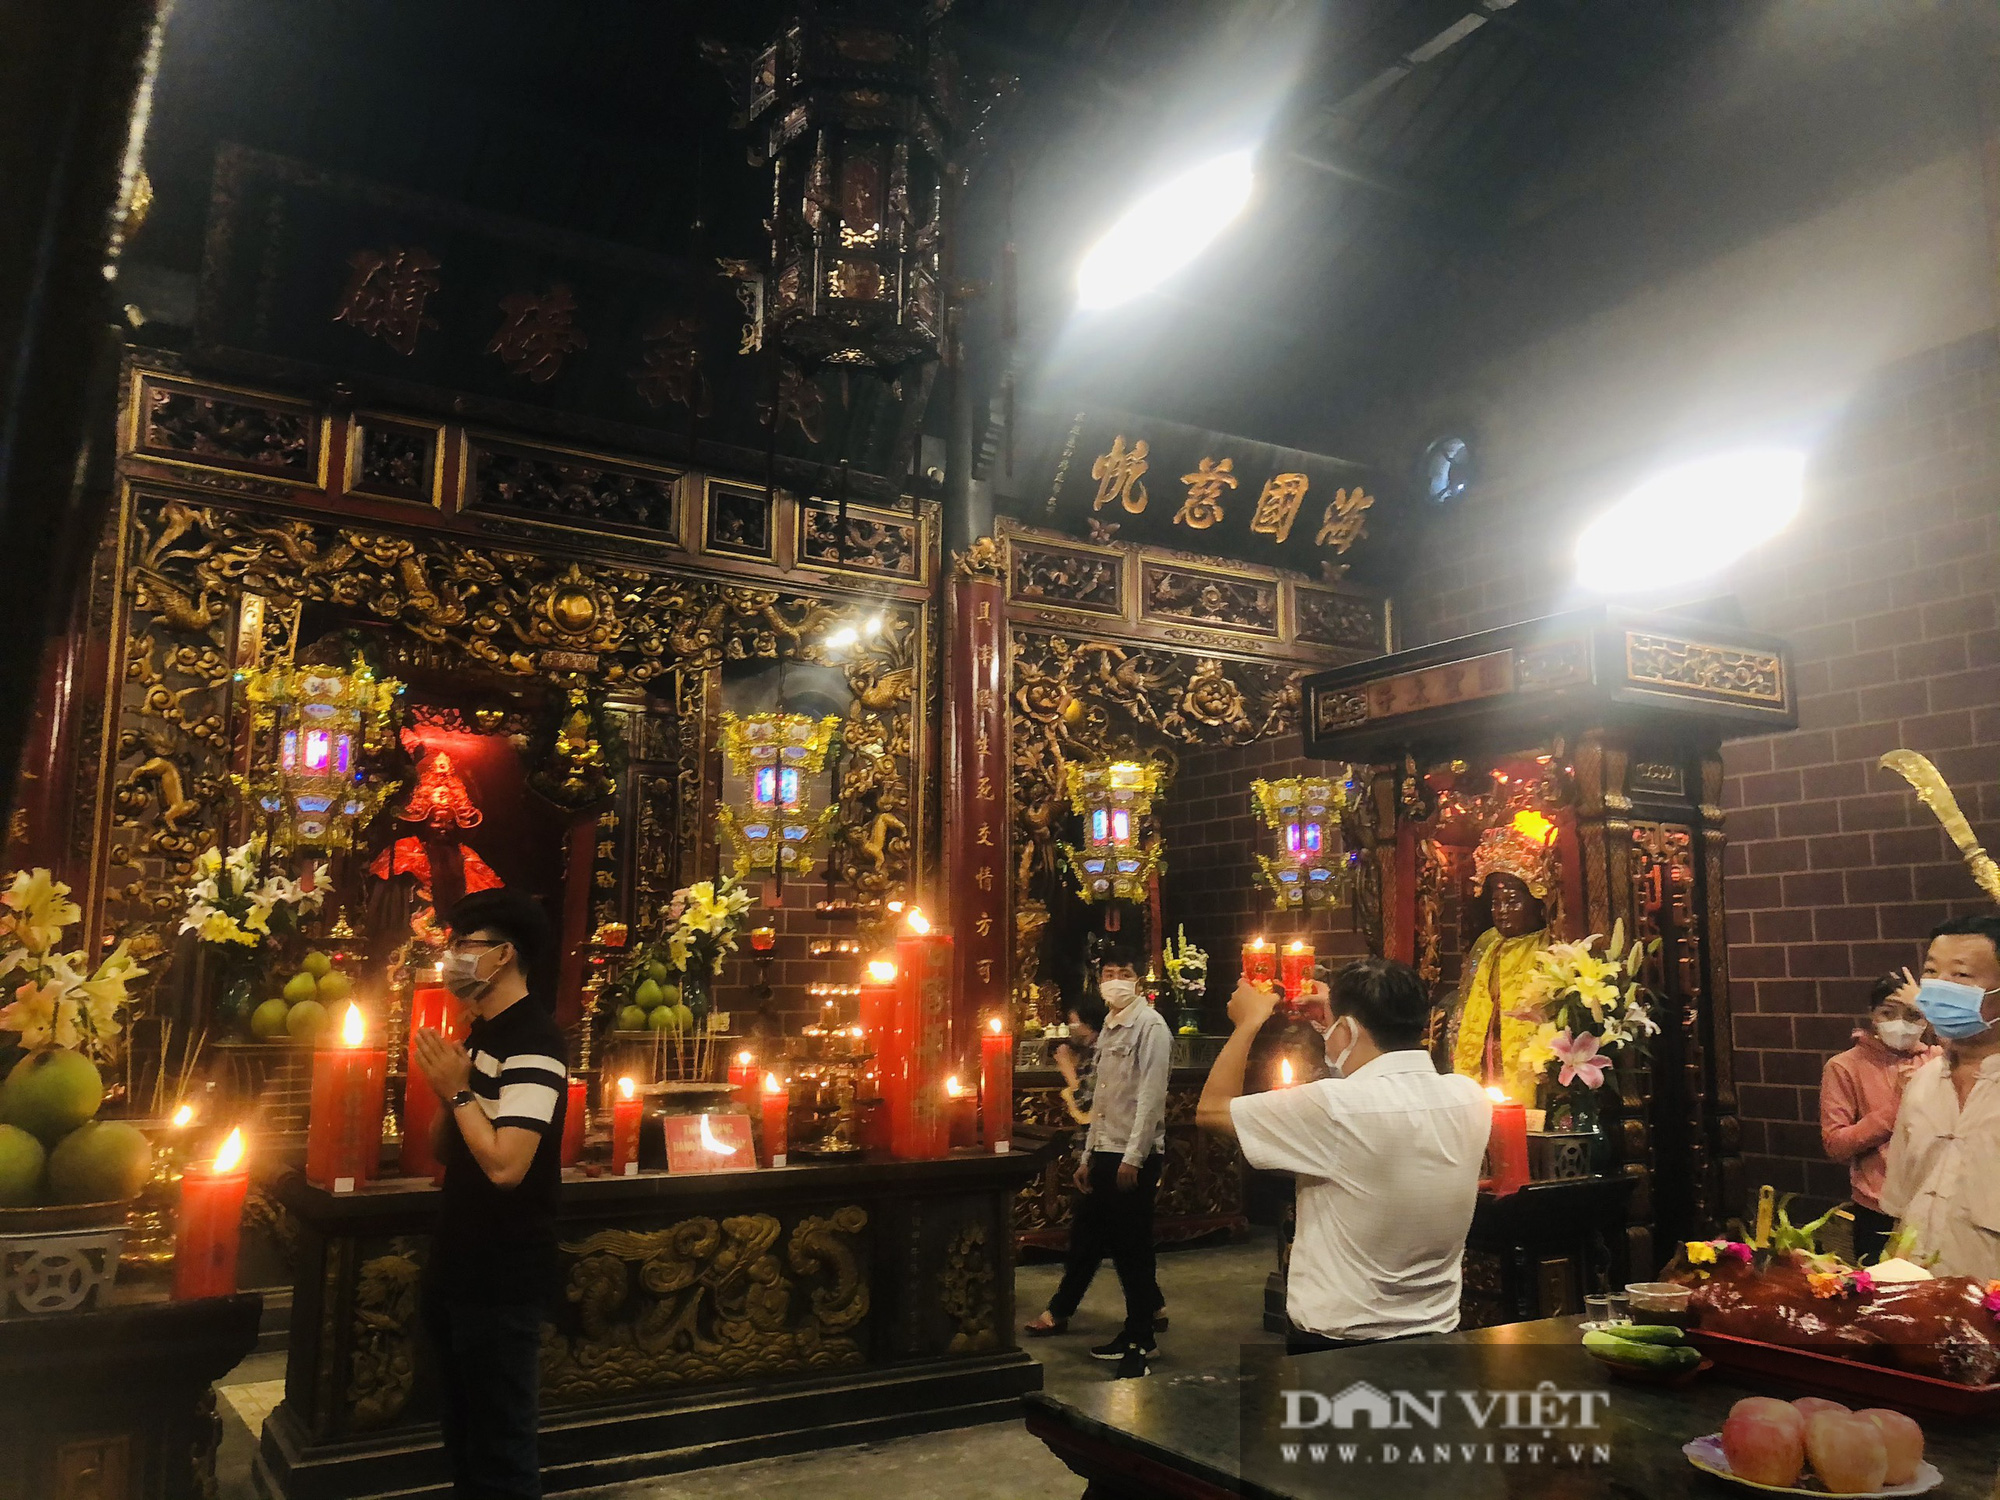 Thất phủ cổ miếu: Ngôi chùa Hoa đầu tiên ở Nam Bộ, nơi giao thoa giữa hai nền văn hoá Việt – Hoa - Ảnh 12.